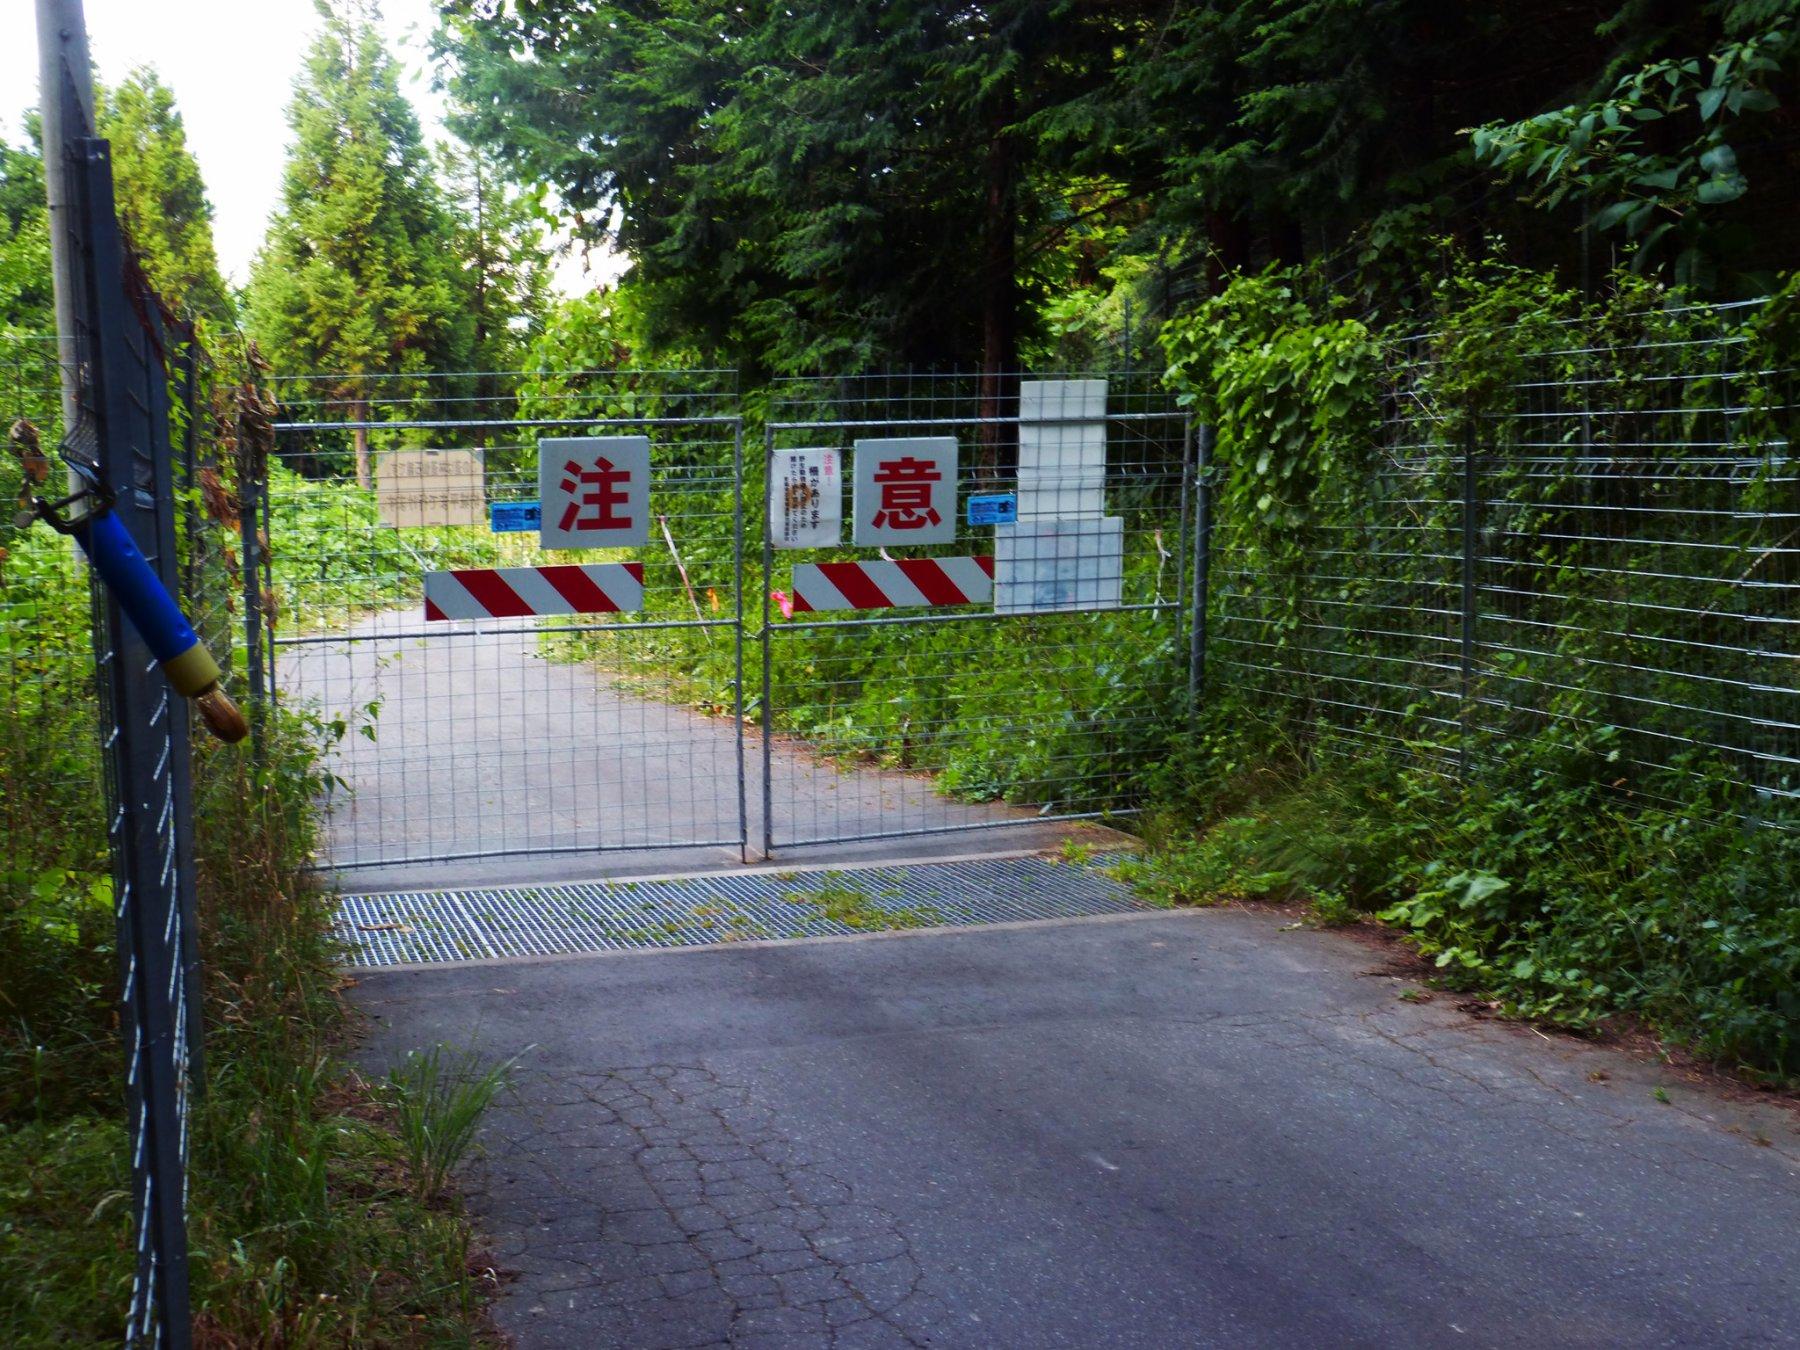 Cancello aprire/chiudere per accedere al parcheggio di Camping